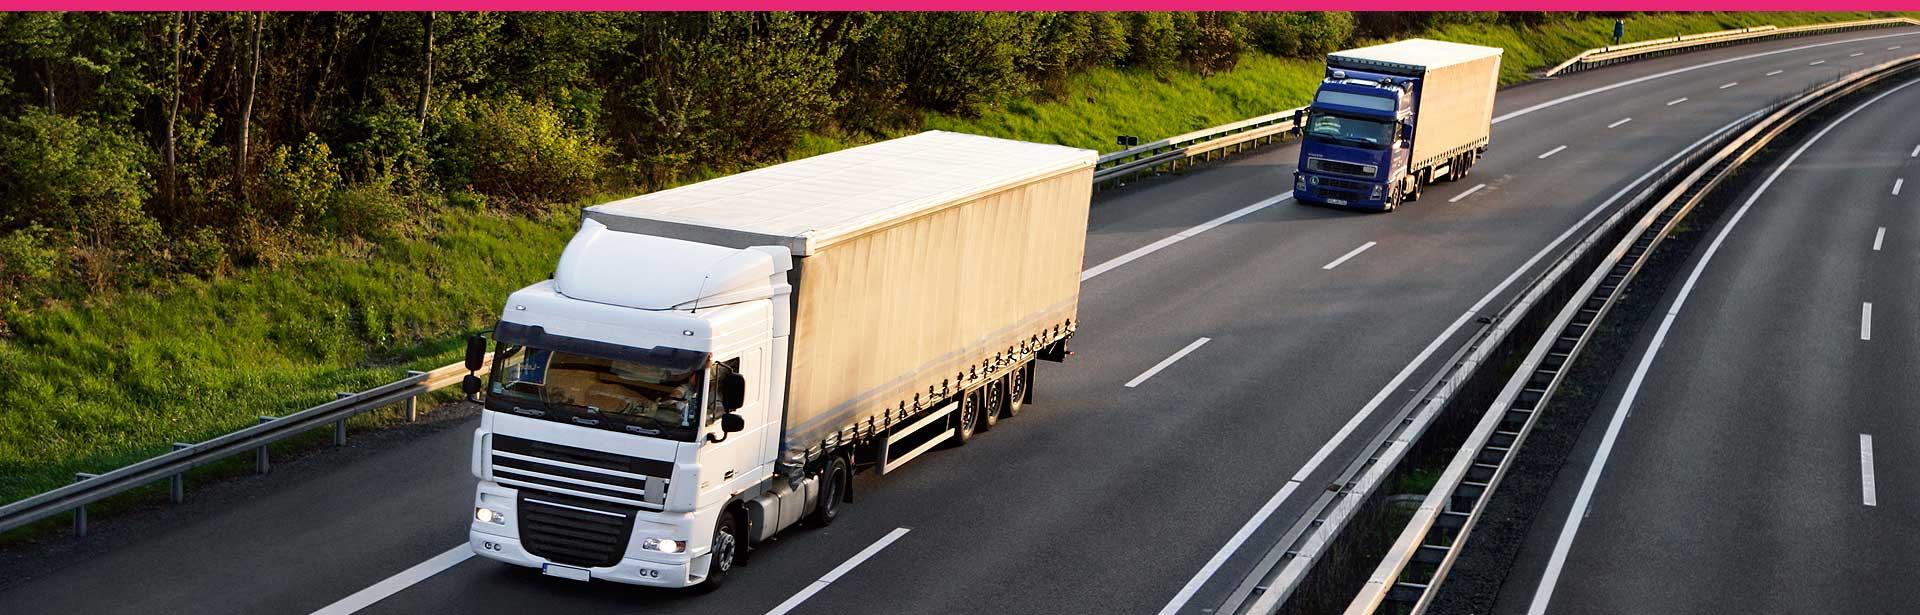 Assurances transport logistique